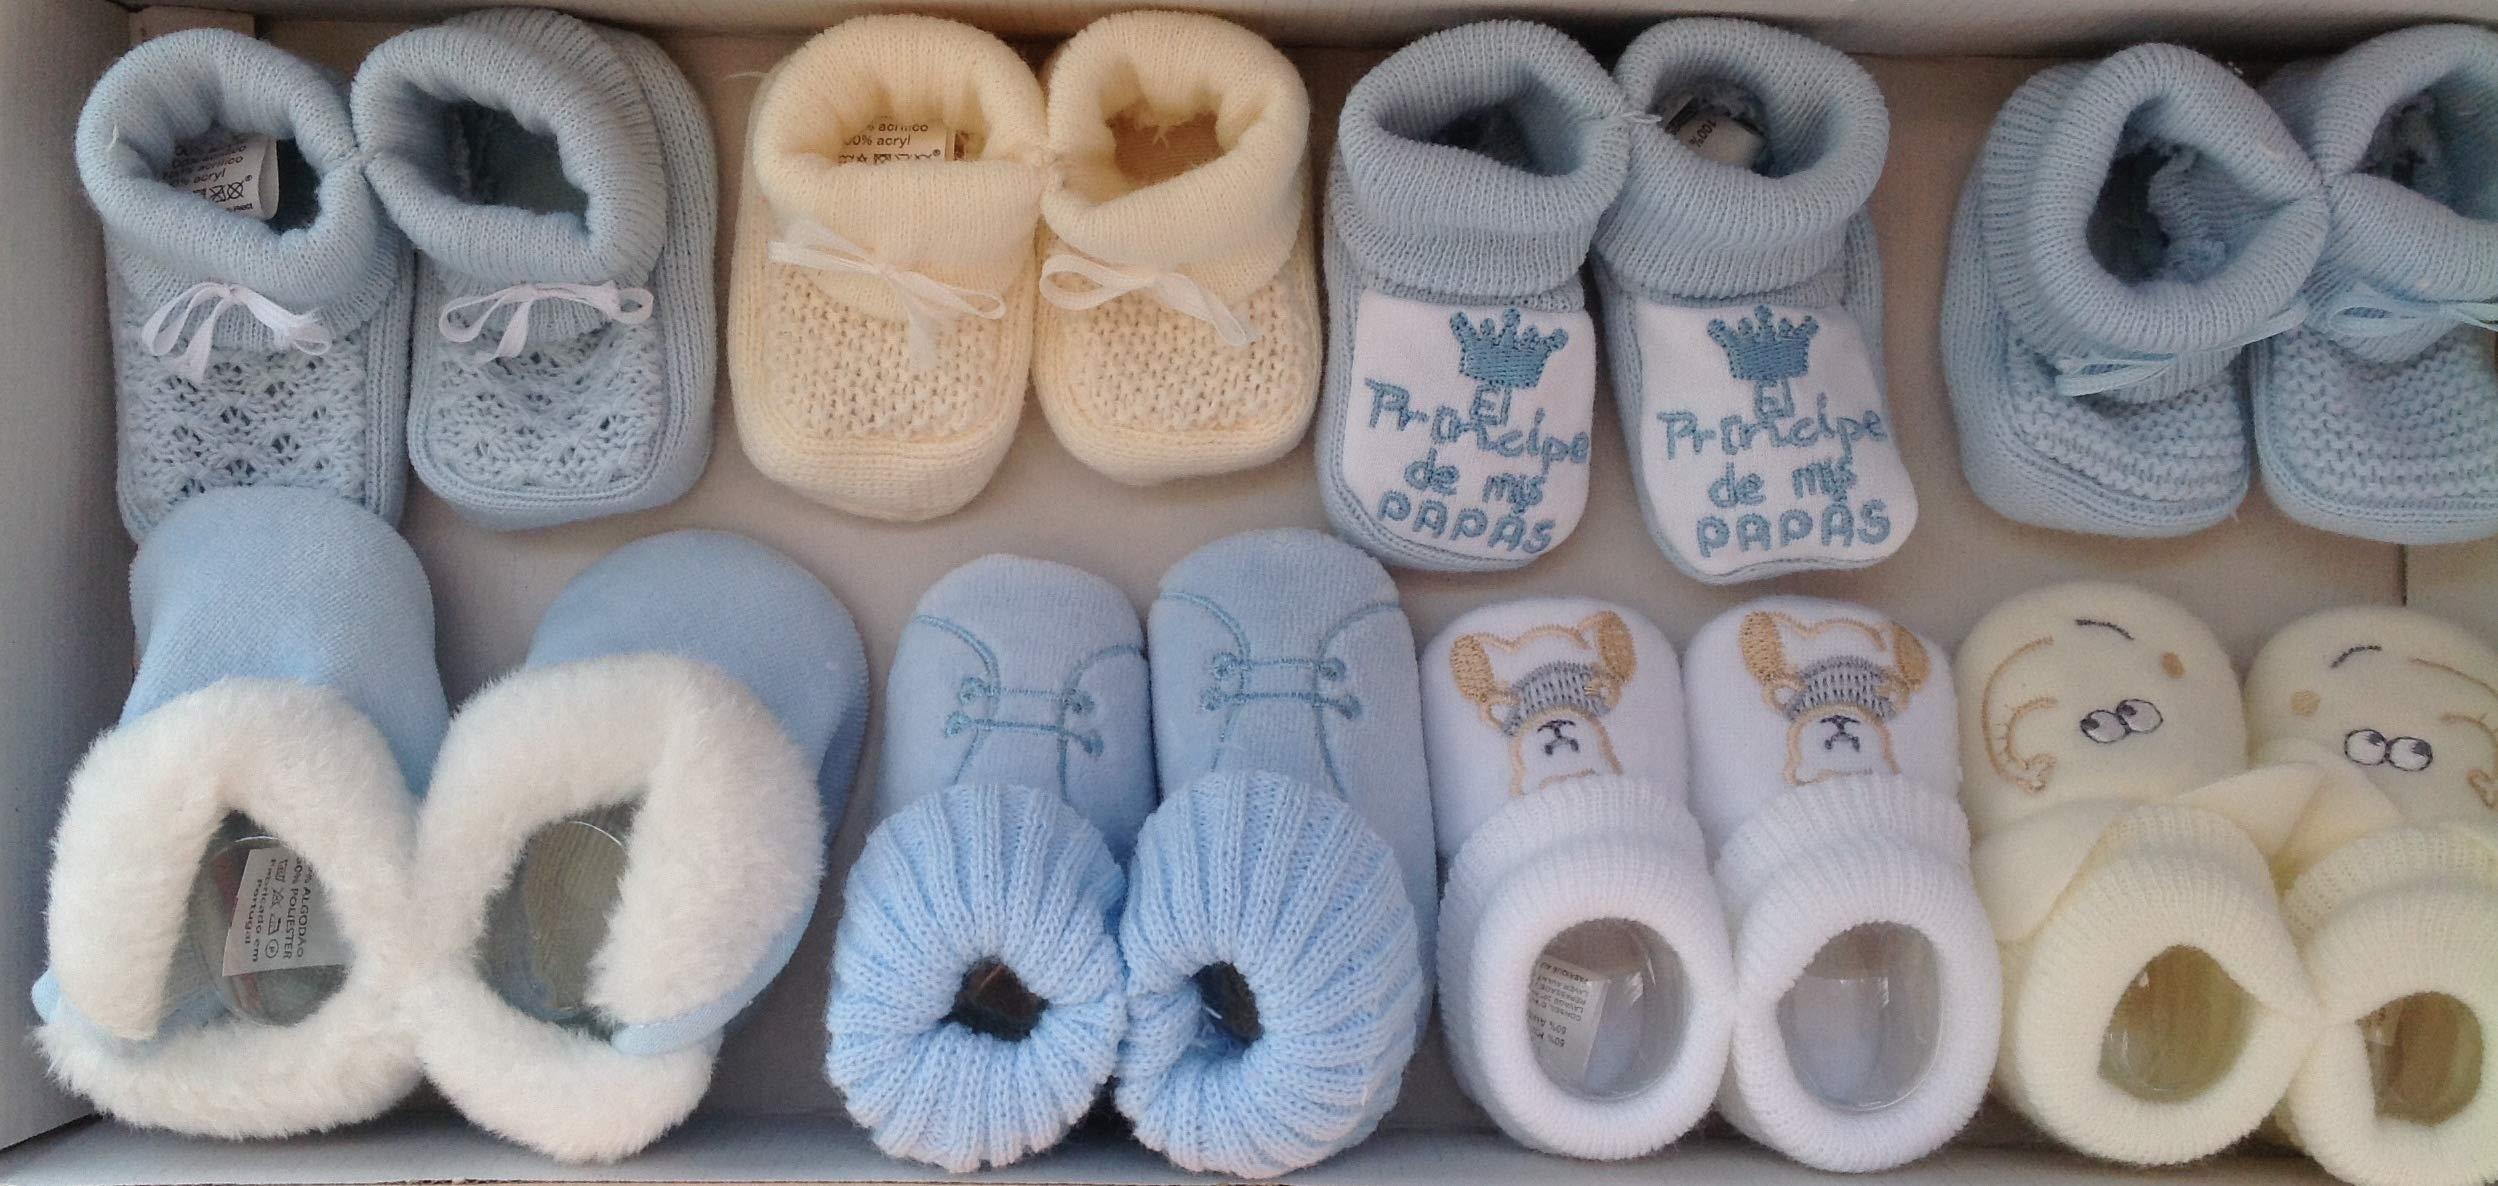 Patucos Bebe Niño 8 Pares De Punto Bebe y Tacto Terciopelo en Color Azul ¡100% GARANTIA DE DEVOLUCION DE SU DINERO! 1